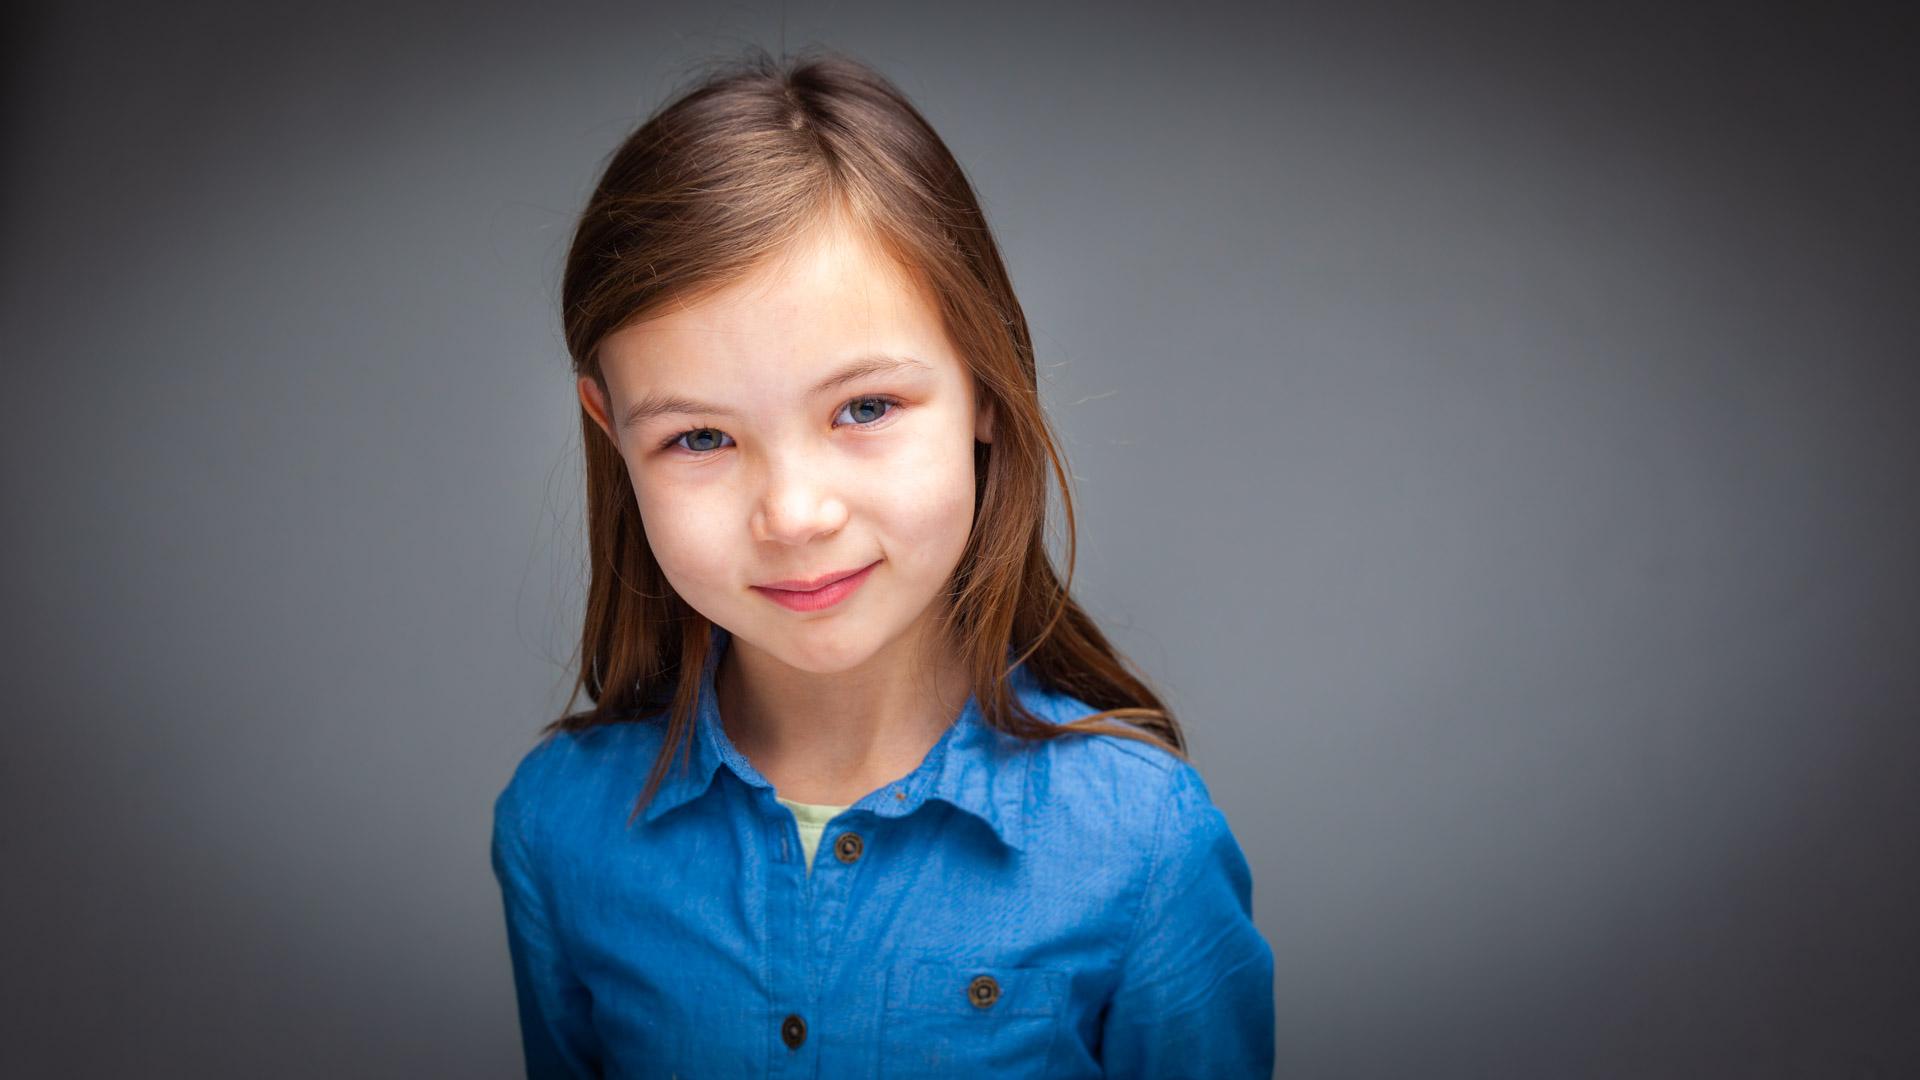 Barne Portrett Jente på 7 år